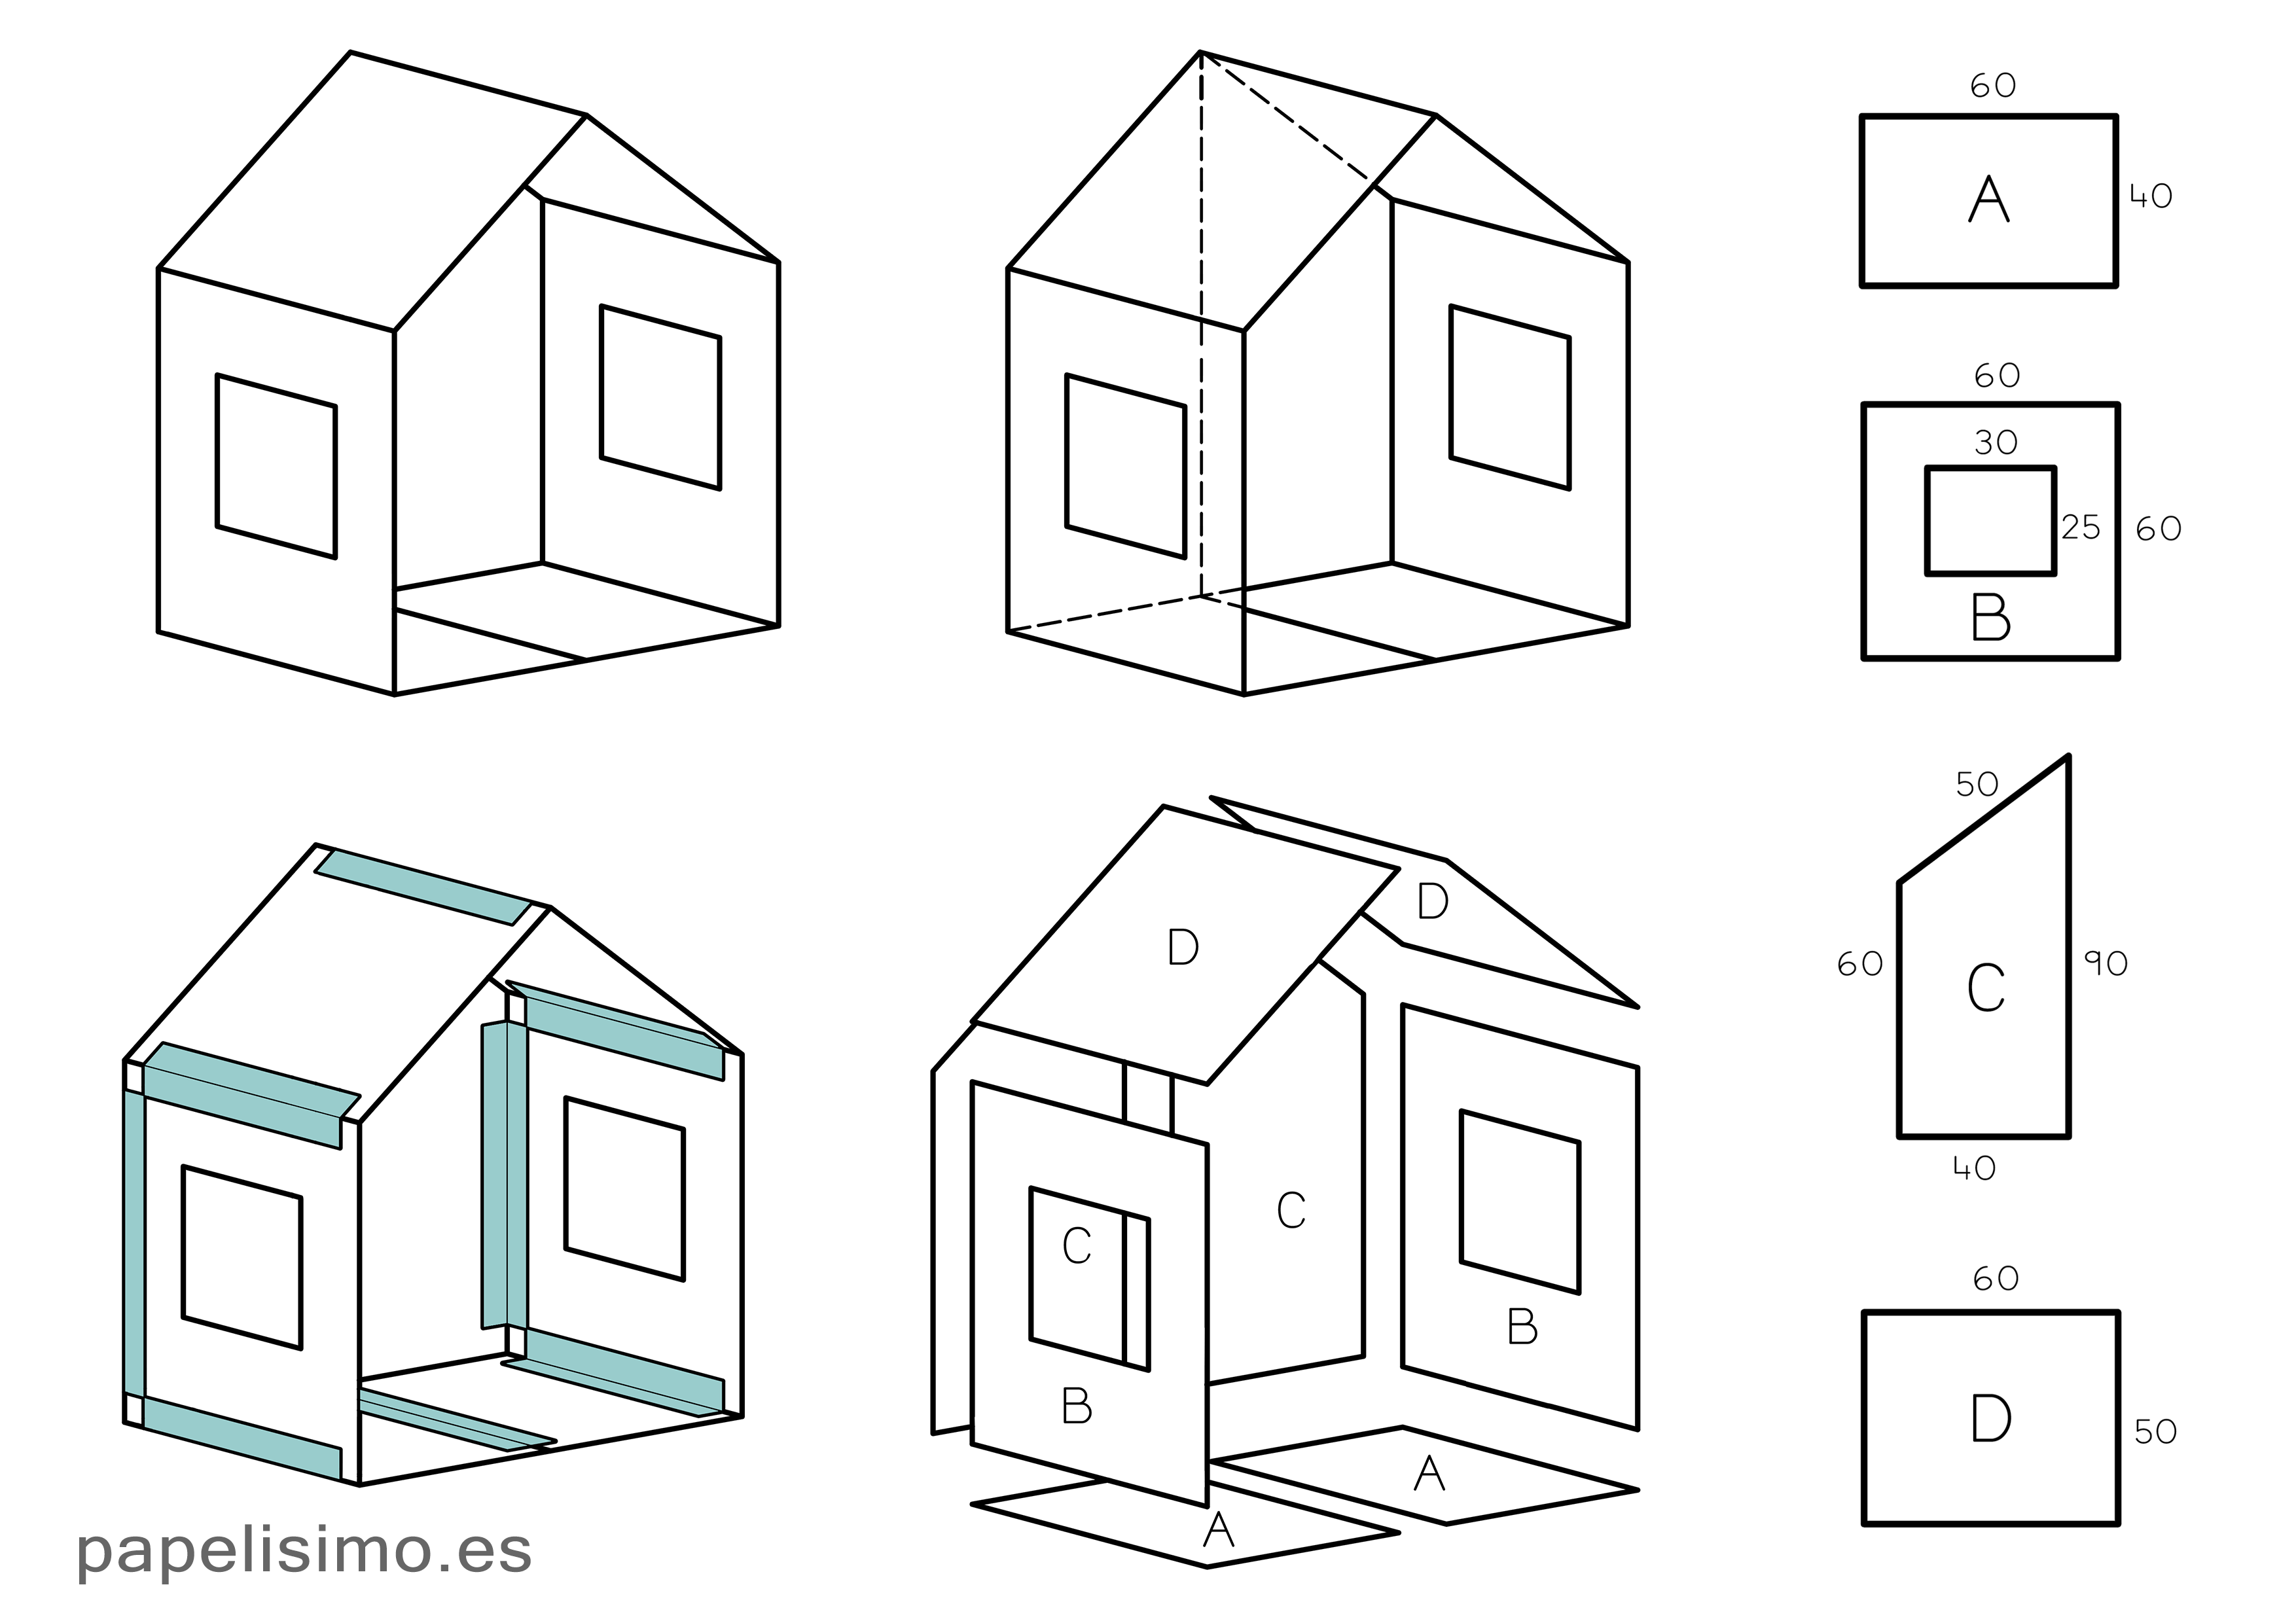 Cómo hacer casa de cartón para niños (Plegable) - PAPELISIMO